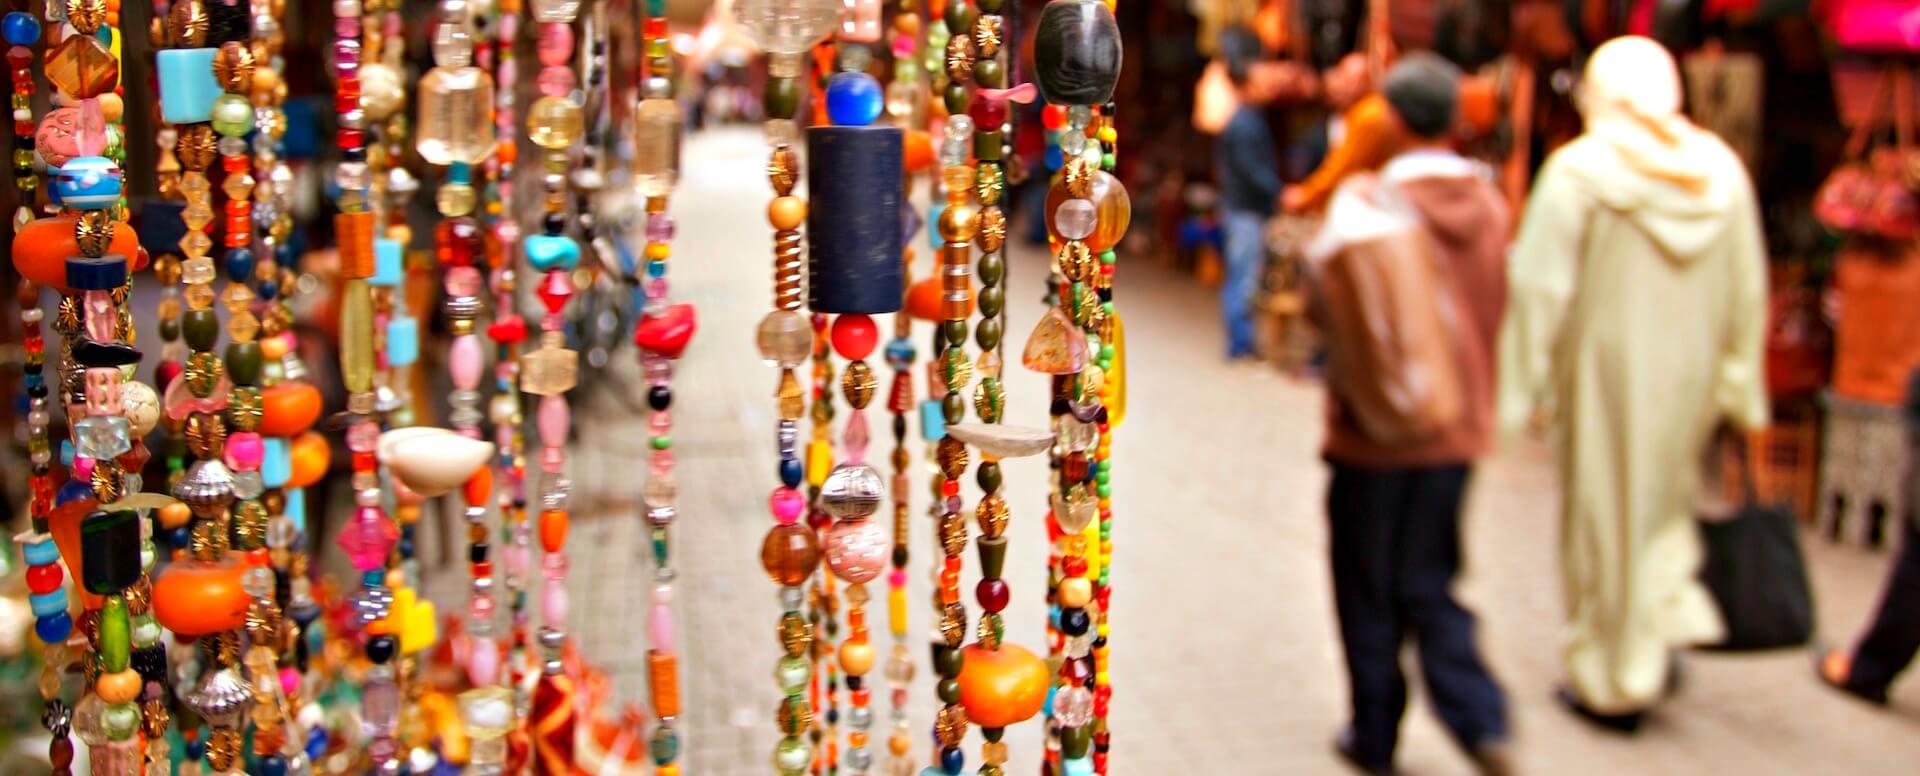 Crafts - Marrakech